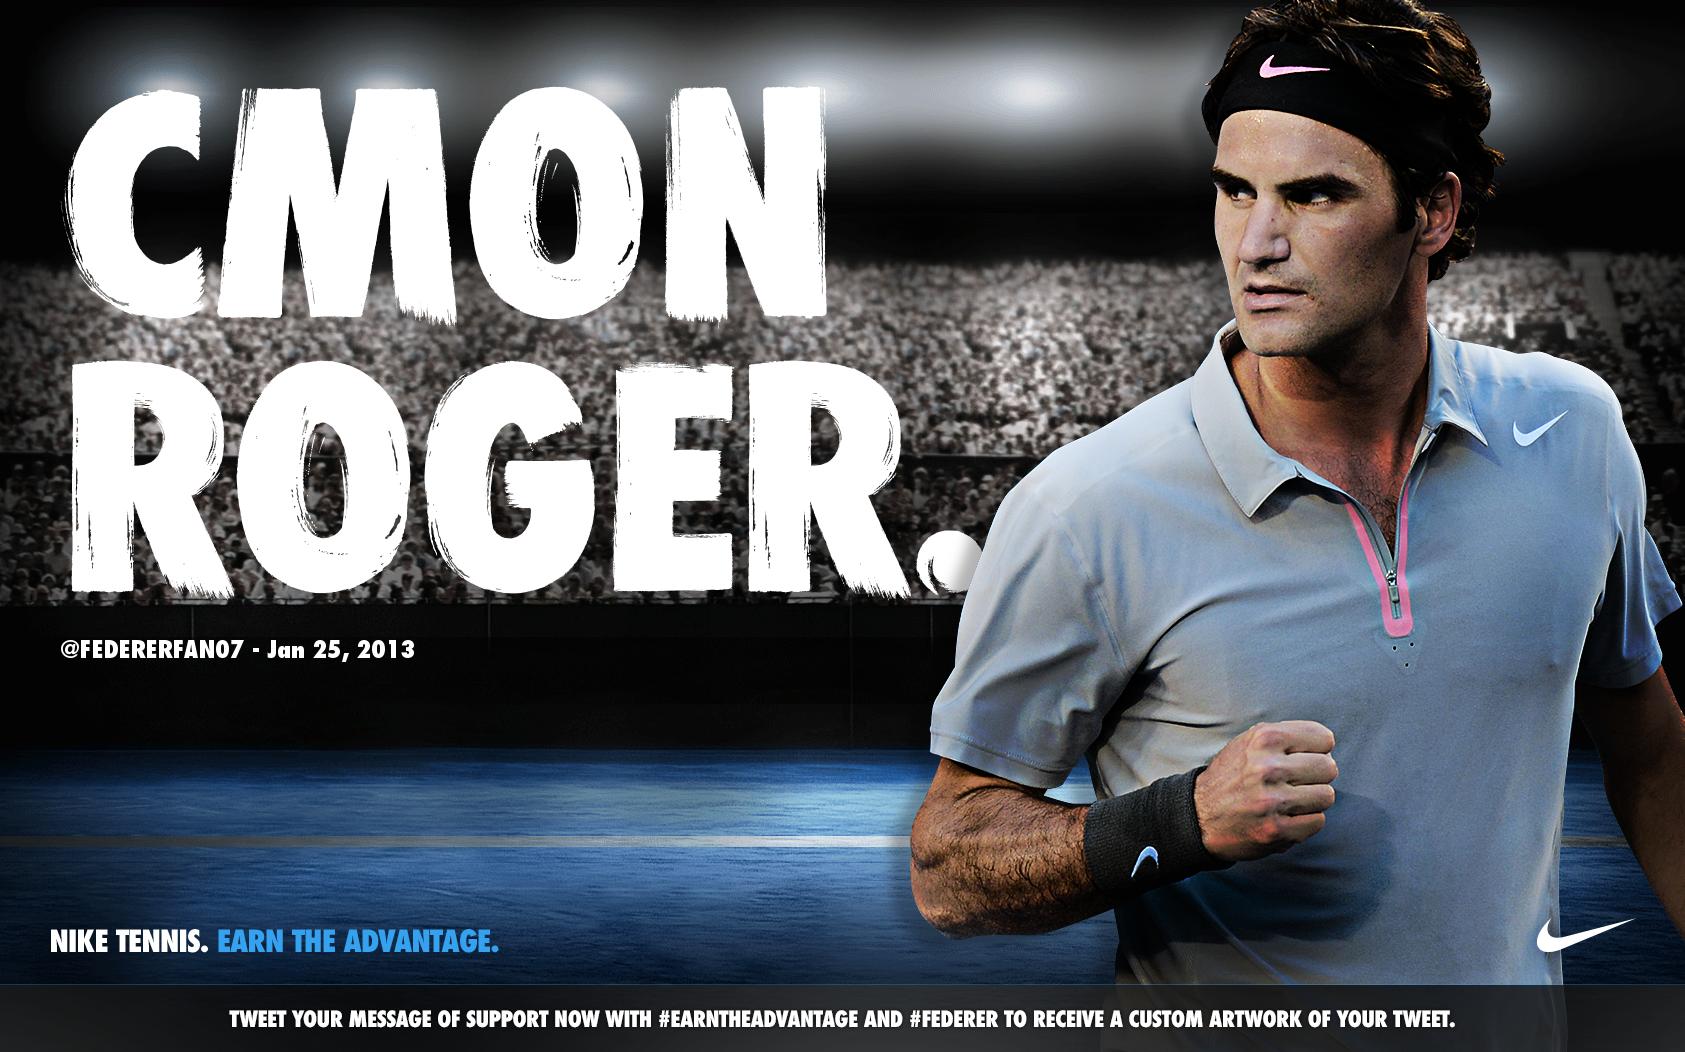 Tennis_RogerFederer-FEDERERFAN07-14